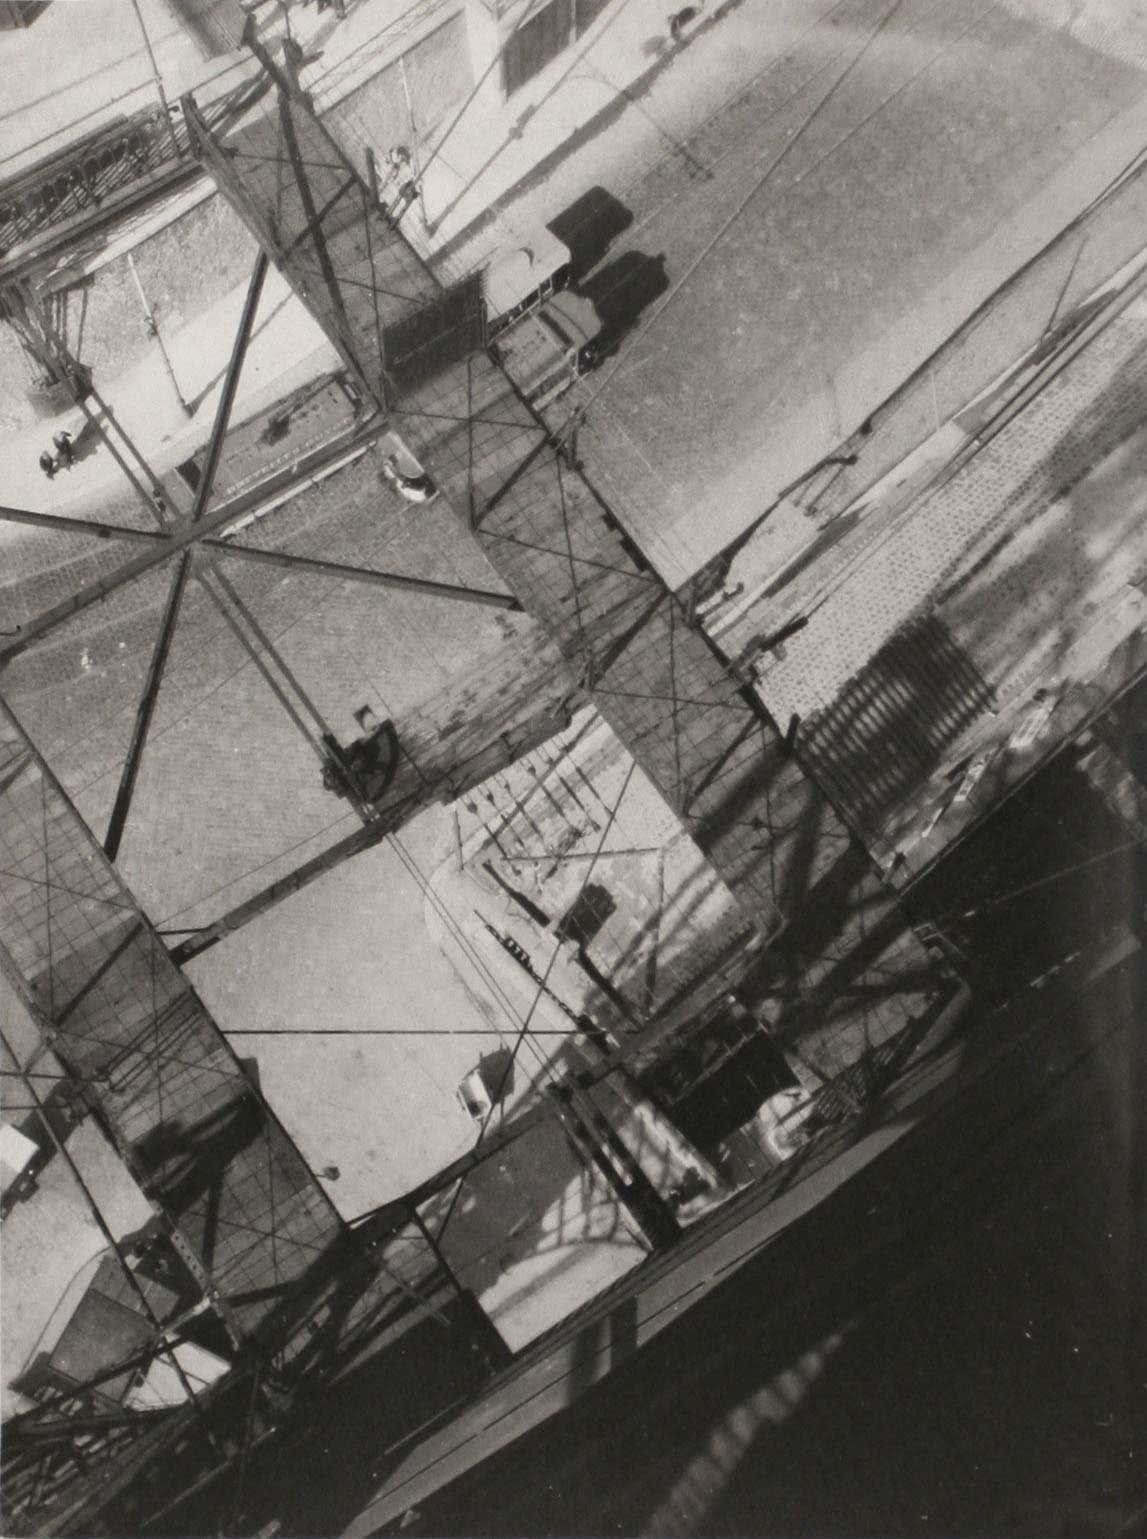 László Moholy-Nagy, View from the Pont Transbordeur, c. 1929